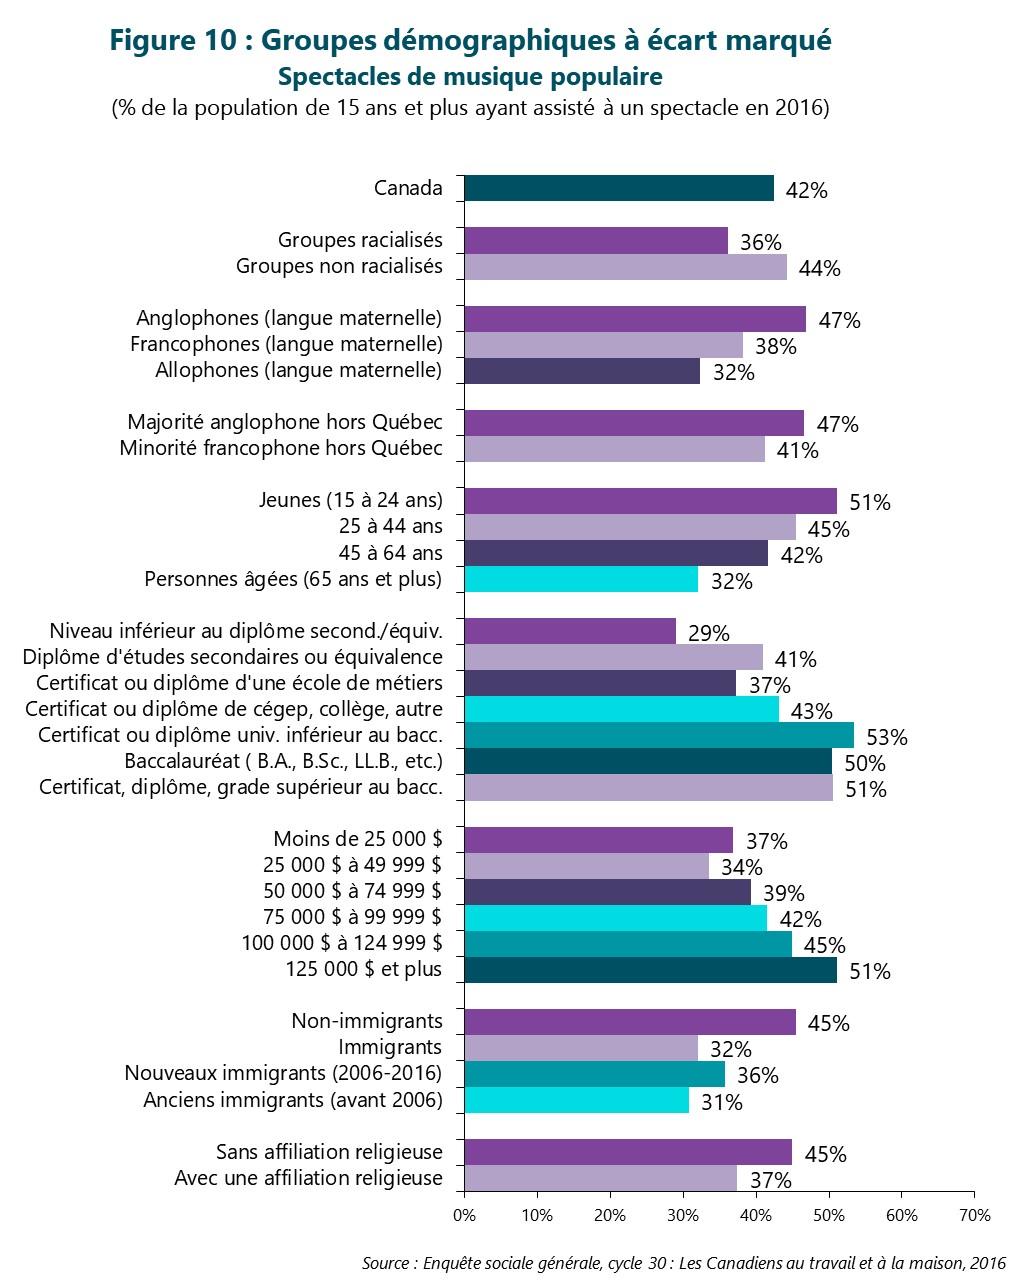 Figure 10 : Groupes démographiques à écart marqué -- Spectacles de musique populaire